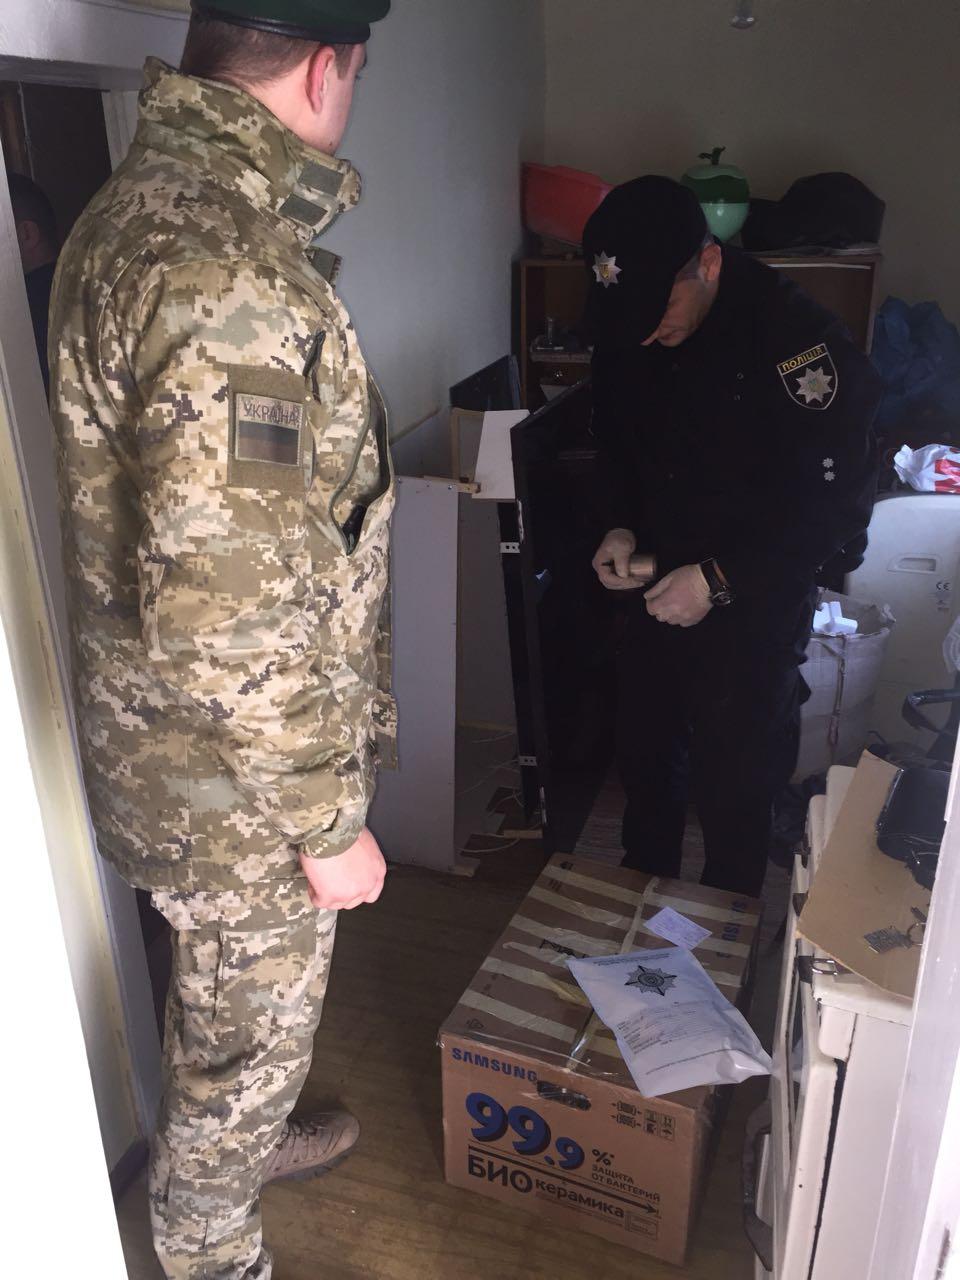 Психотропы отправляли контрабандой в ЕС. На Буковине накрыли банду накроторговцев